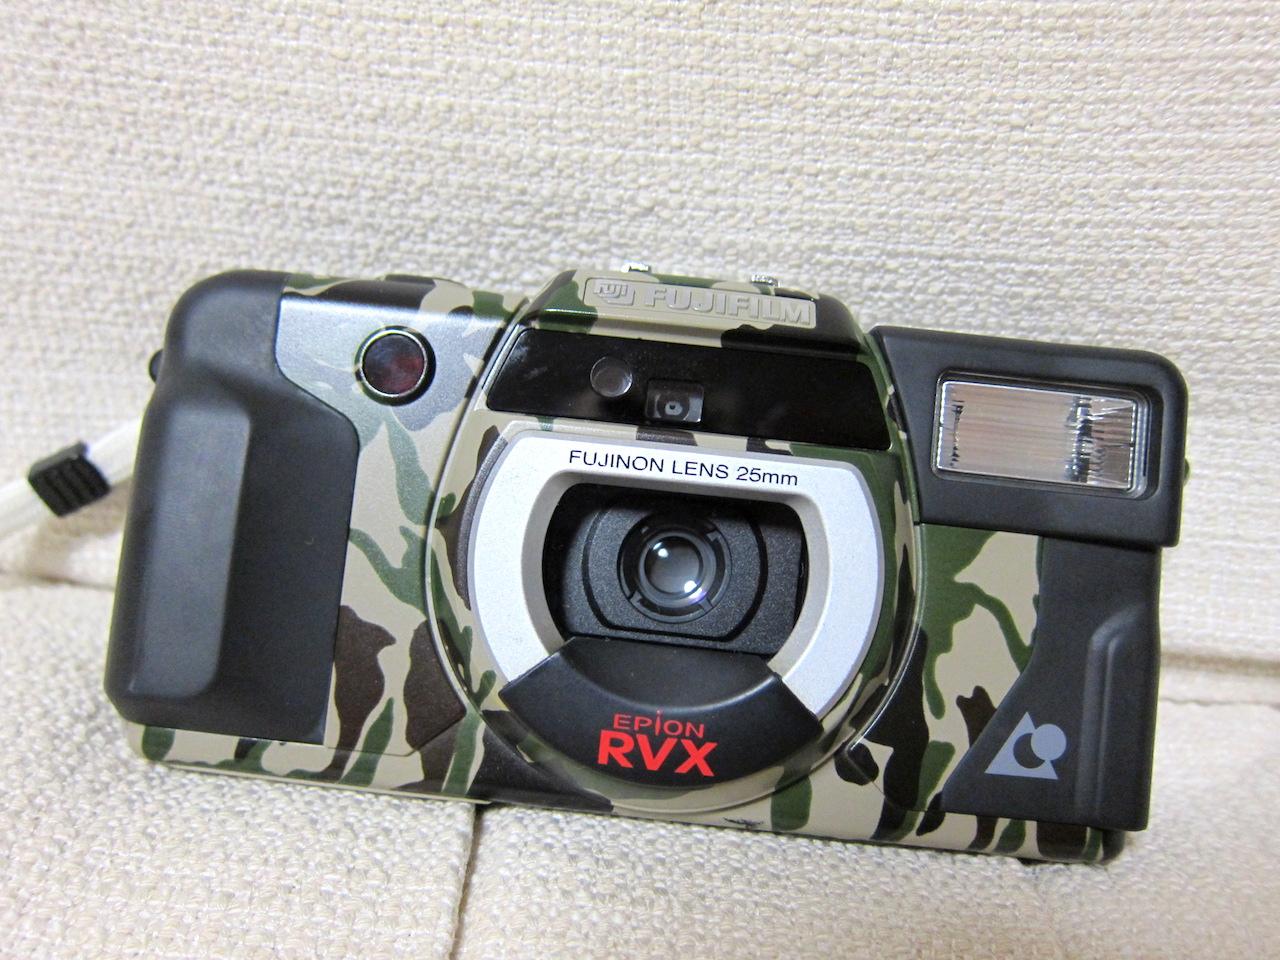 Fujifilm Epion RVX(APS)